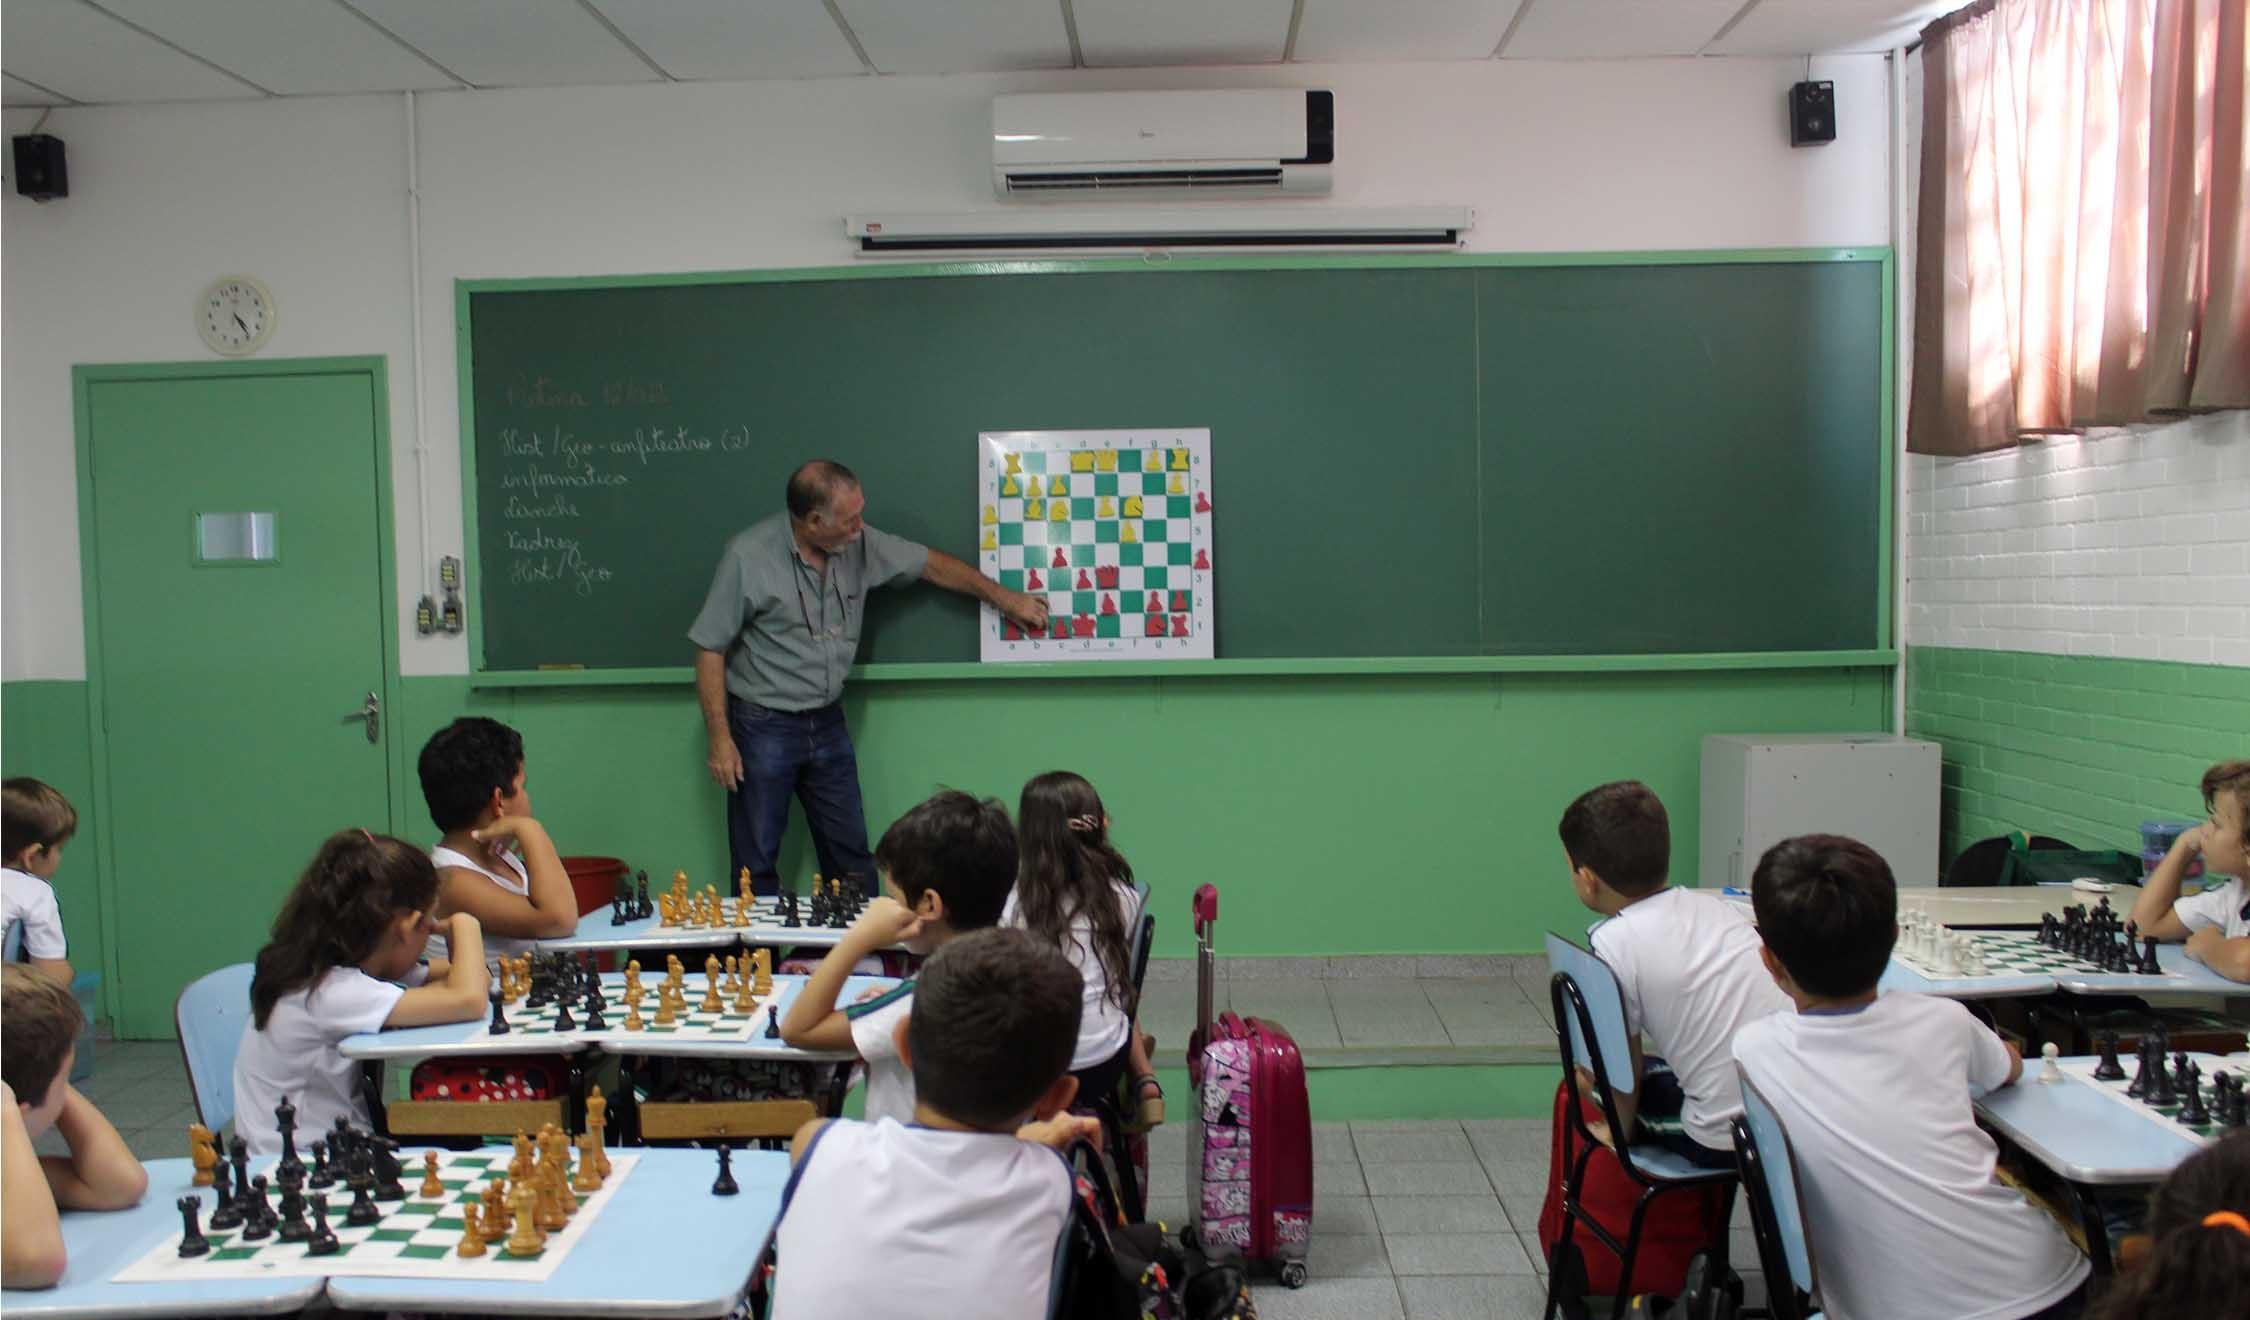 Ensino de xadrez poderá ser obrigatório nas escolas de Taubaté